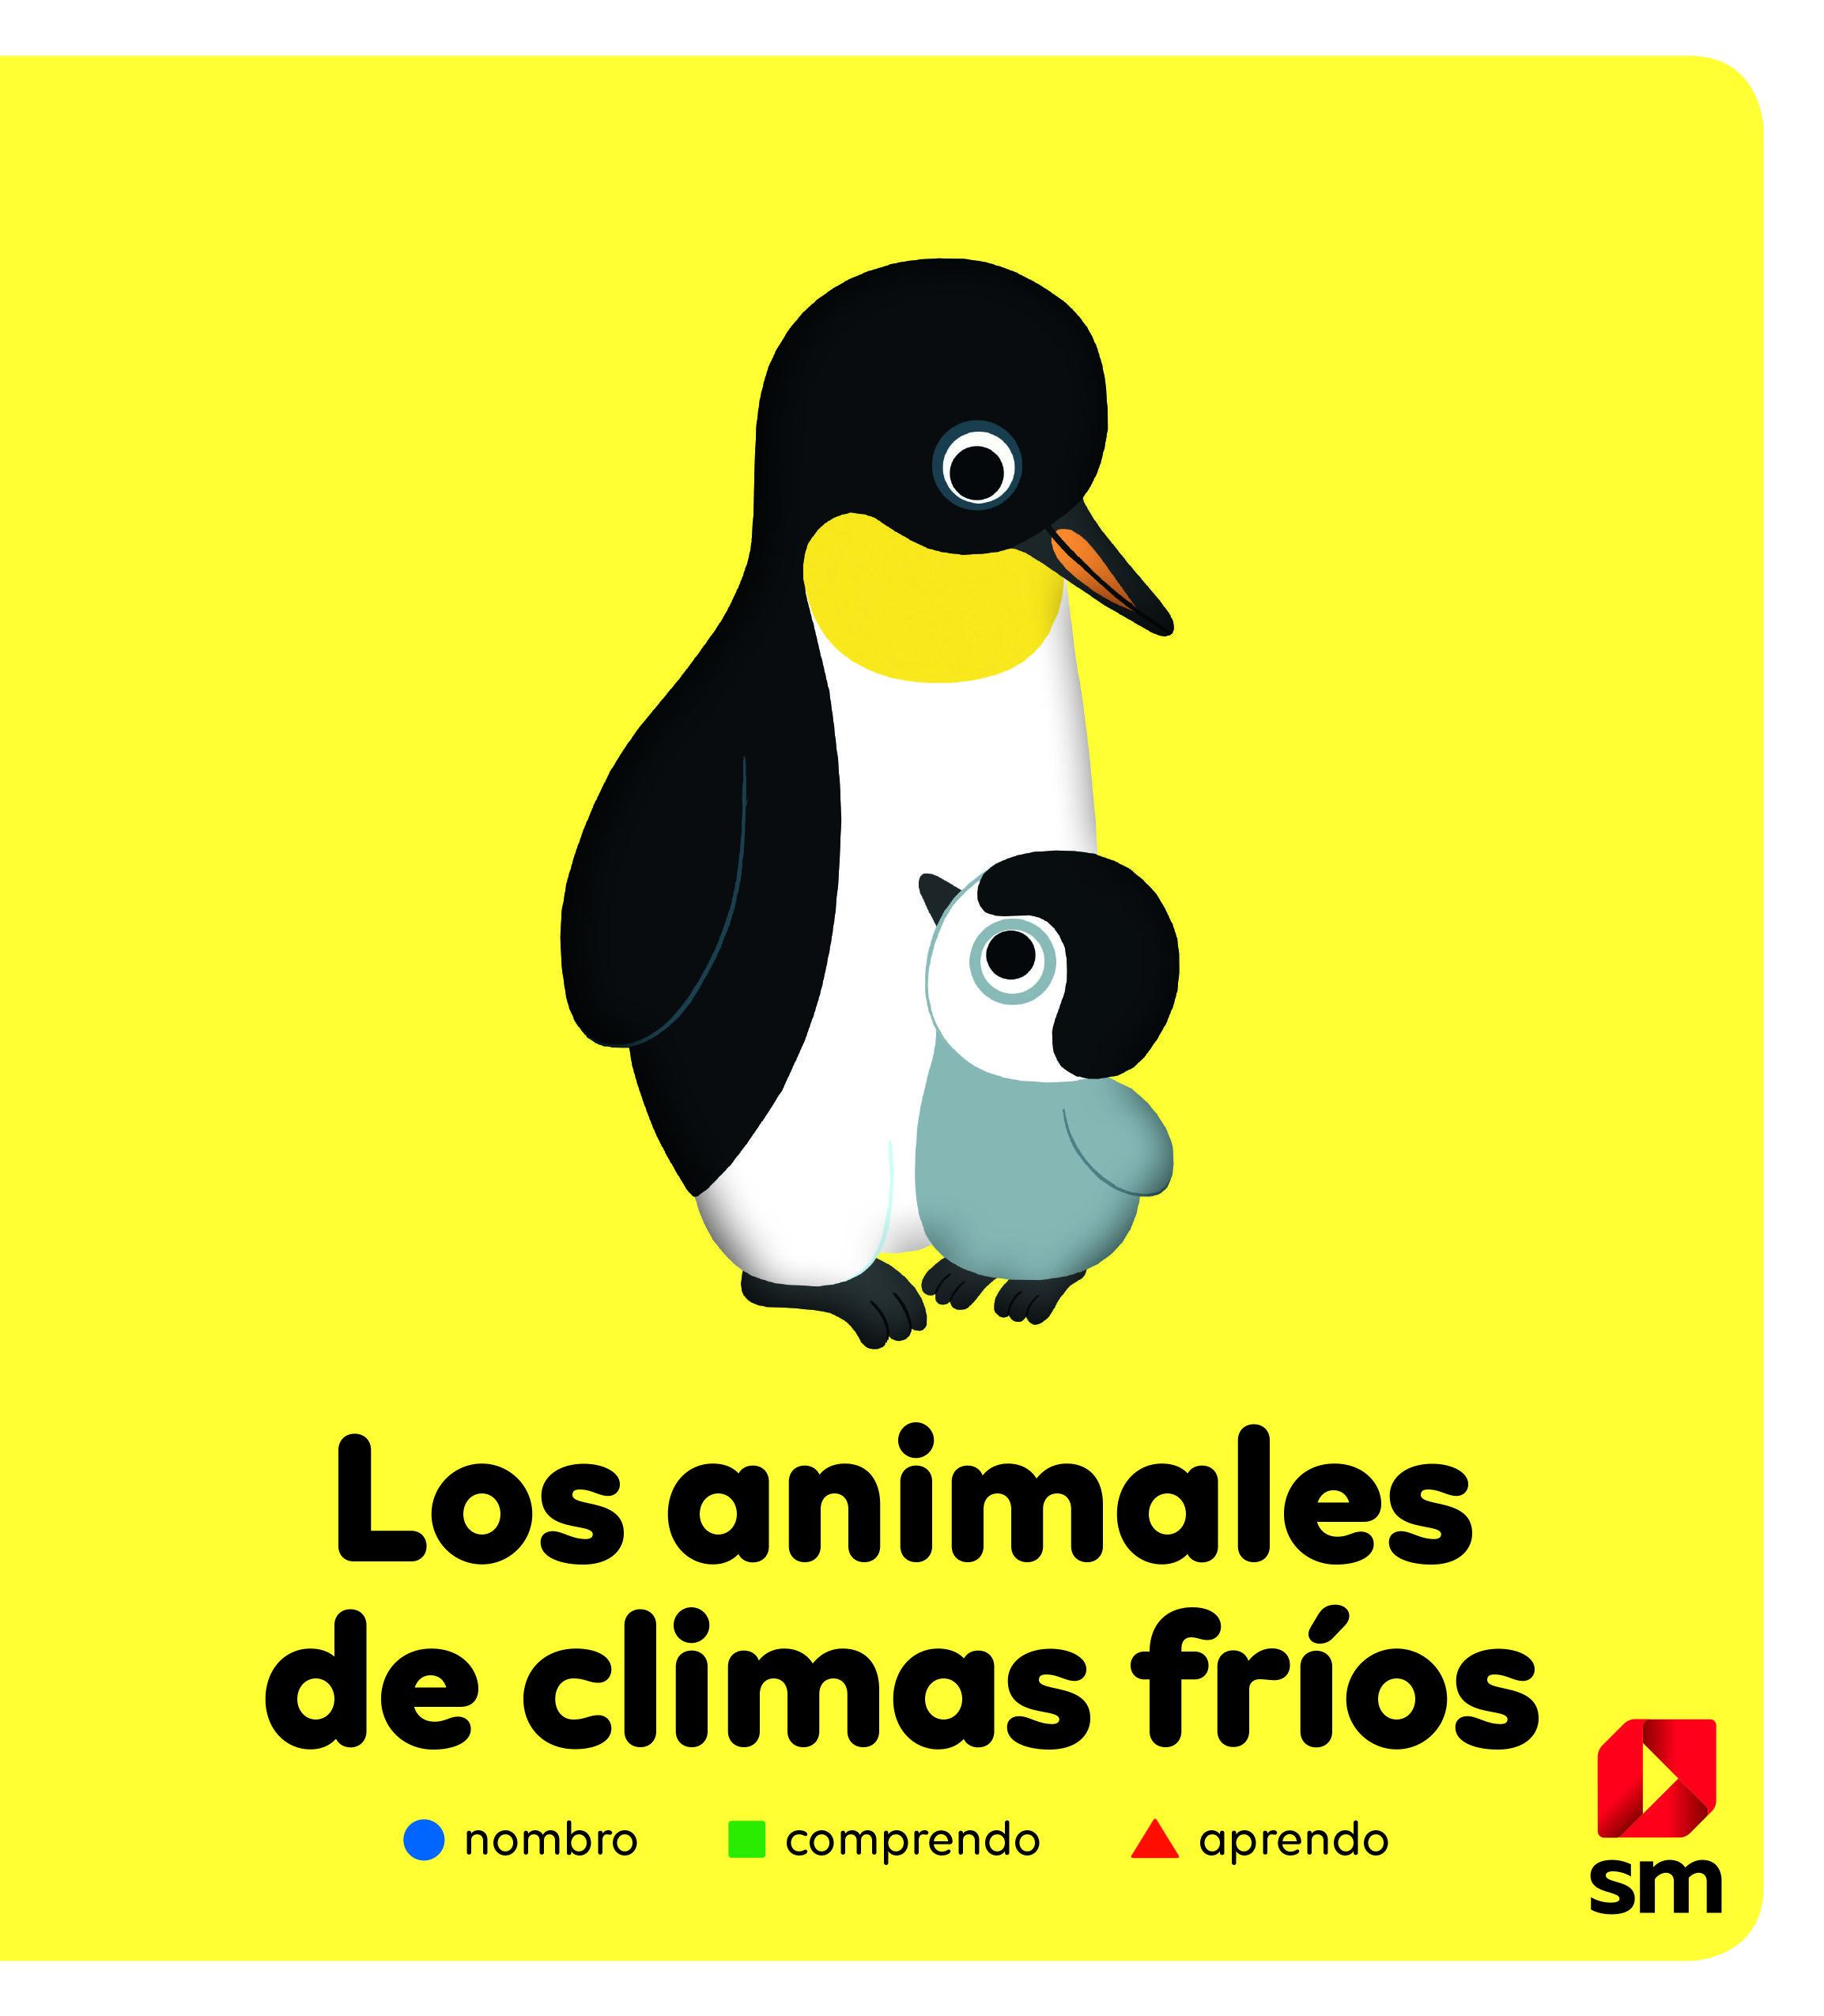 ANIMALES DE CLIMA FRIO LOS